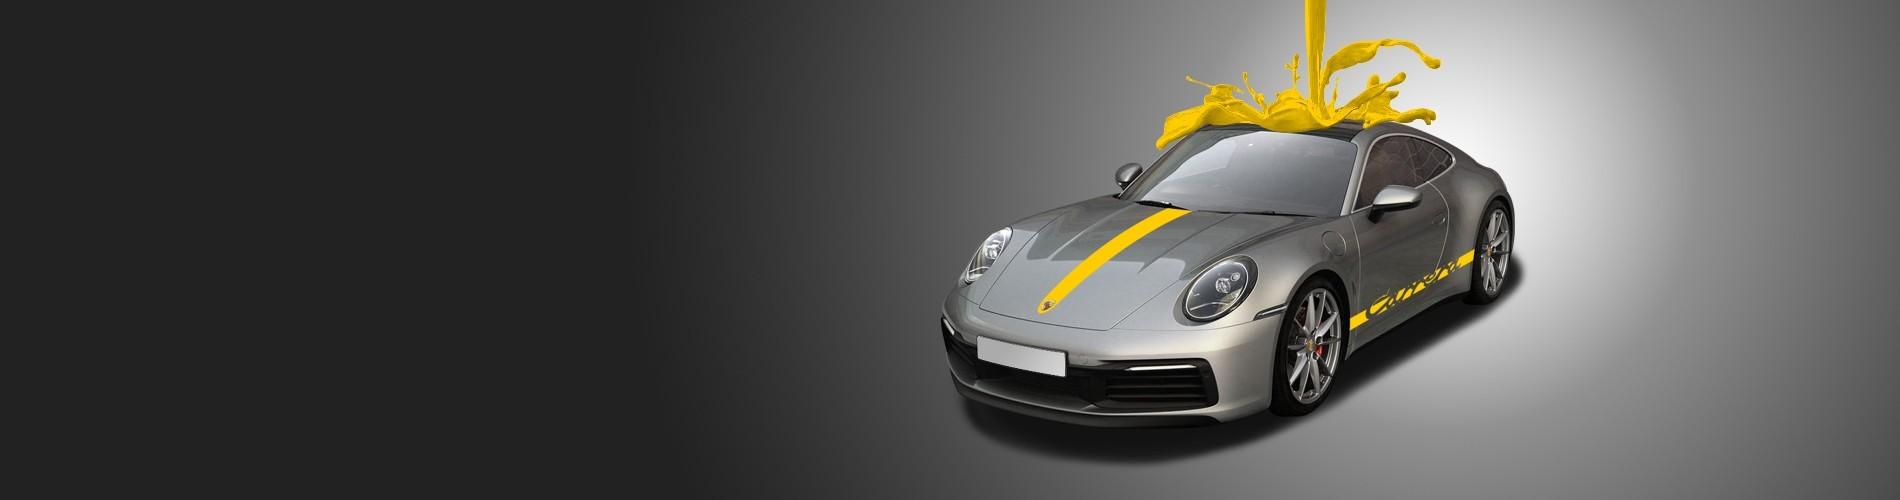 Ma Belle Voiture - Porsche Stickers